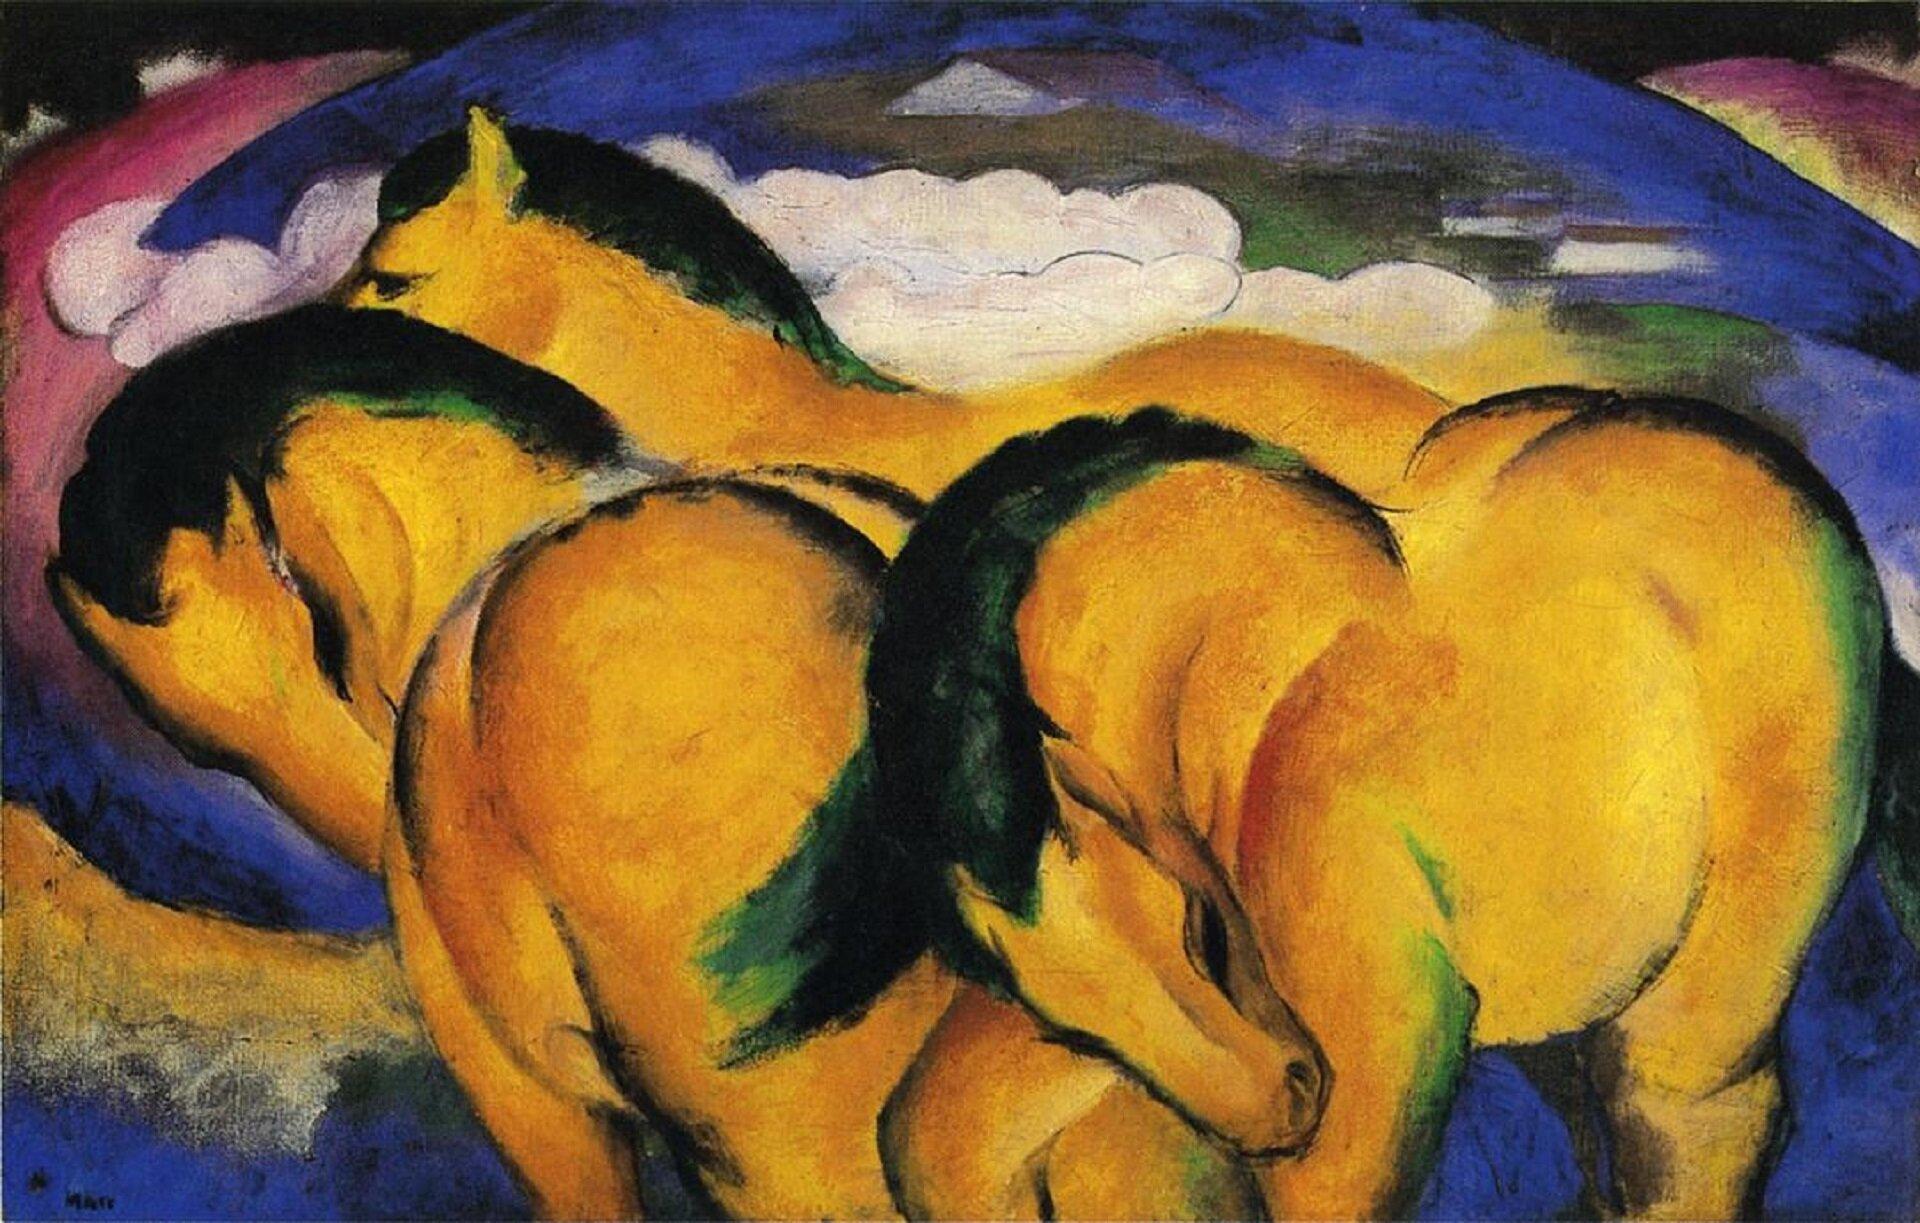 """Ilustracja przedstawia obraz Franza Marca pt. """"Małe żółte konie"""". Obraz ukazuje żółte konie na pastwisku. Wyraźnie widoczne są figury geometryczne - koła ikule. Tło jest niebieskie, okrągłe przypominające Ziemię. Wśrodku obrazu widoczny jest szczyt góry, który unosi się ponad chmurami ikońmi jako szary trójkąt."""